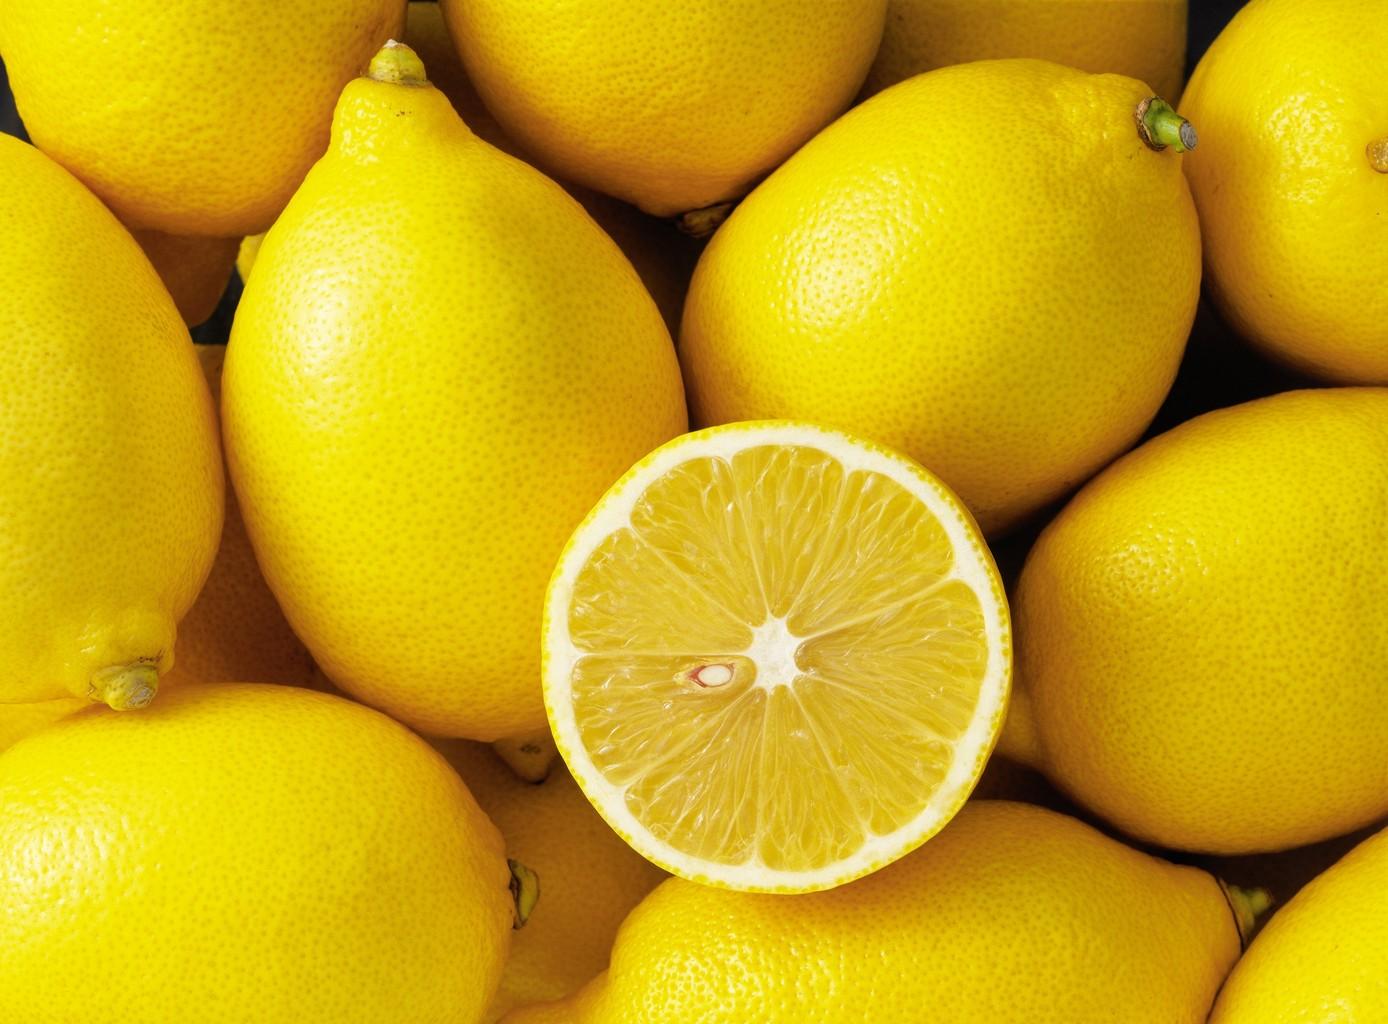 Le citron ce fruit qui nous offre une autre perspective sur la vie - Quand cueillir les citrons ...